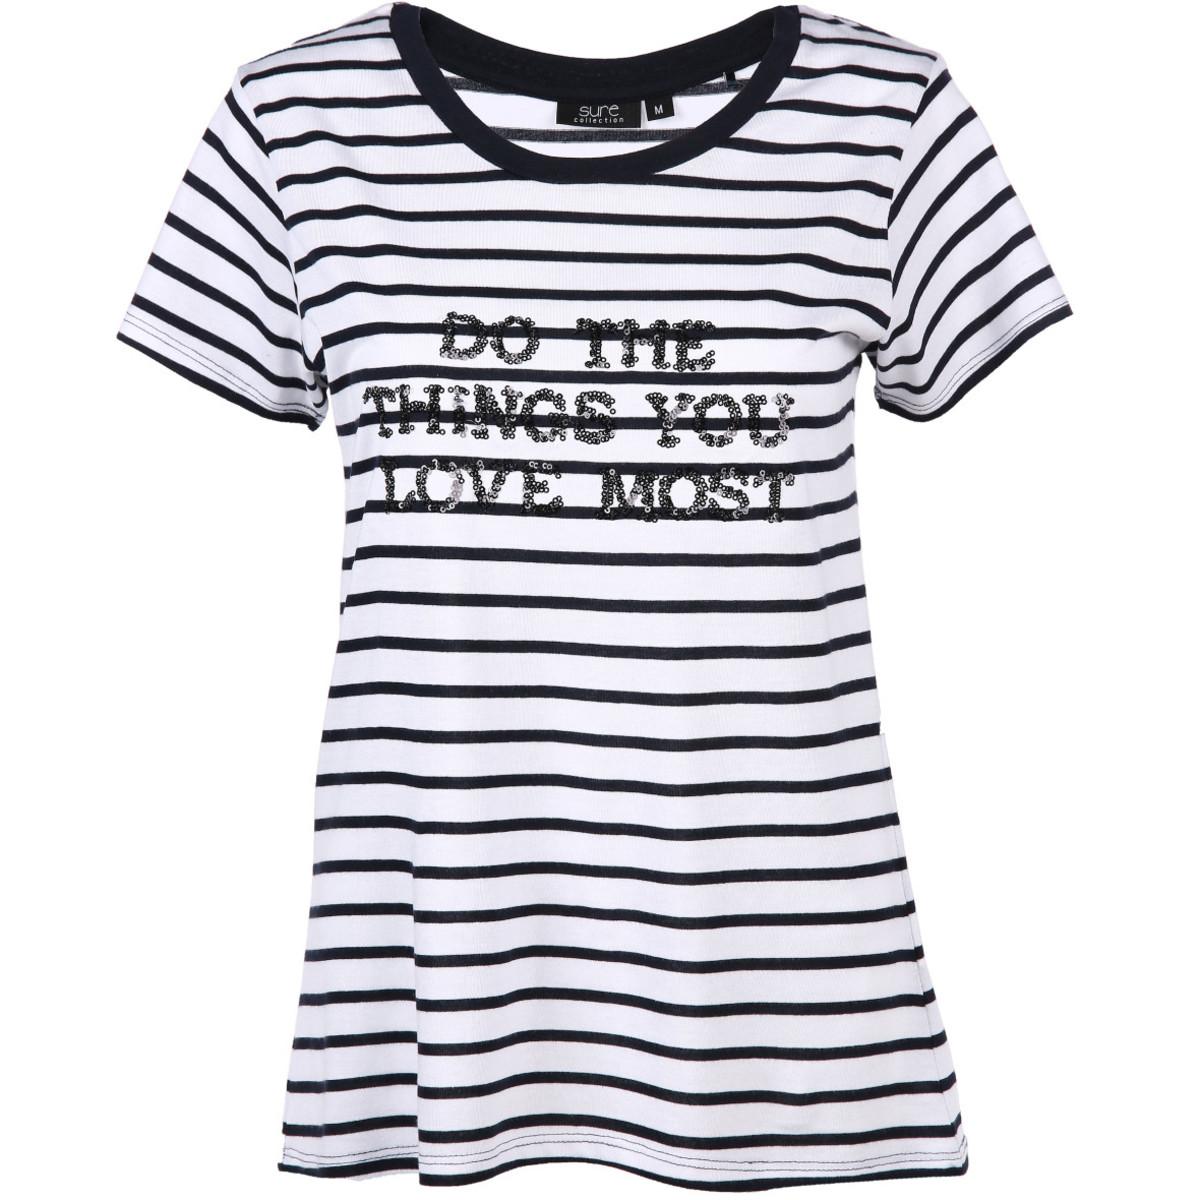 Bild 1 von Damen Shirt mit Streifen und Pailletten